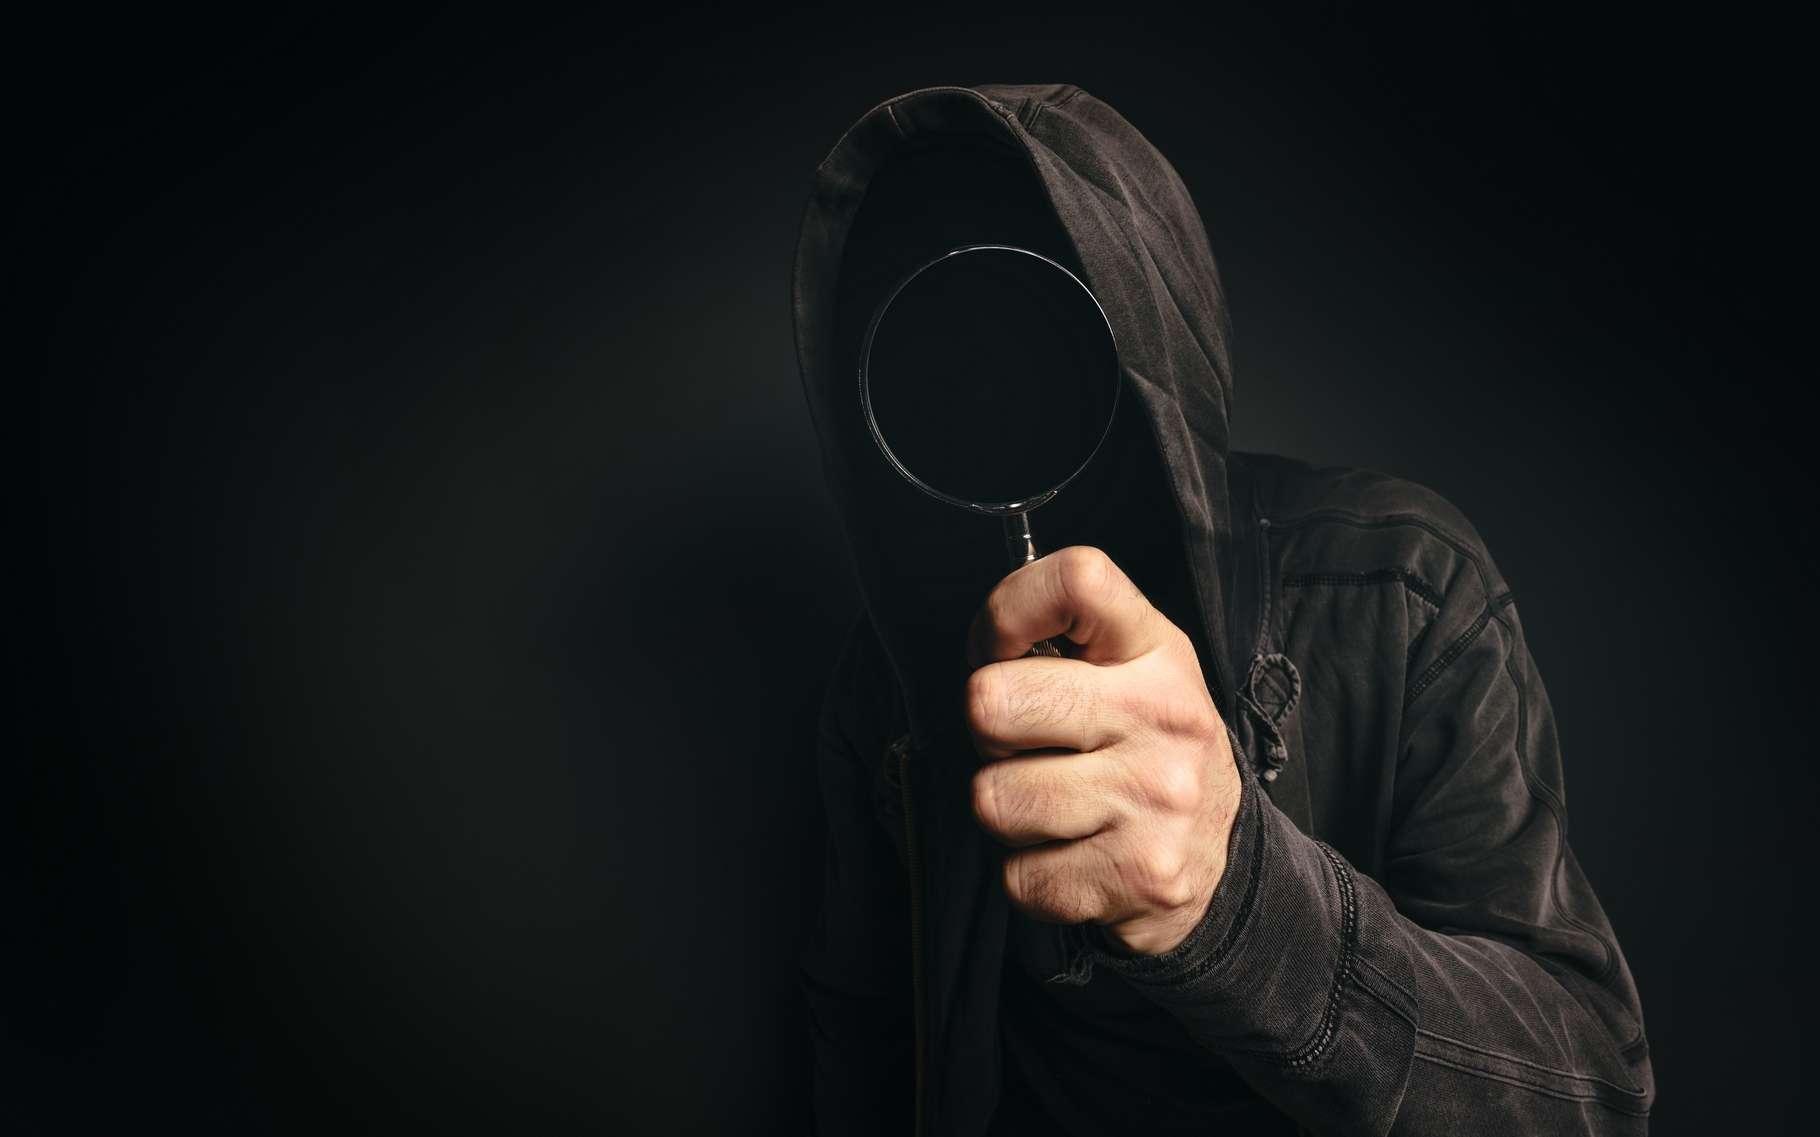 Le logiciel espion (spyware) est très souvent caché dans des gratuiciels ou des partagiciels. Il sert la plupart du temps à collecter des données personnelles afin de pouvoir envoyer des publicités ciblées à la victime. © Igor Stevanovic, Shutterstock